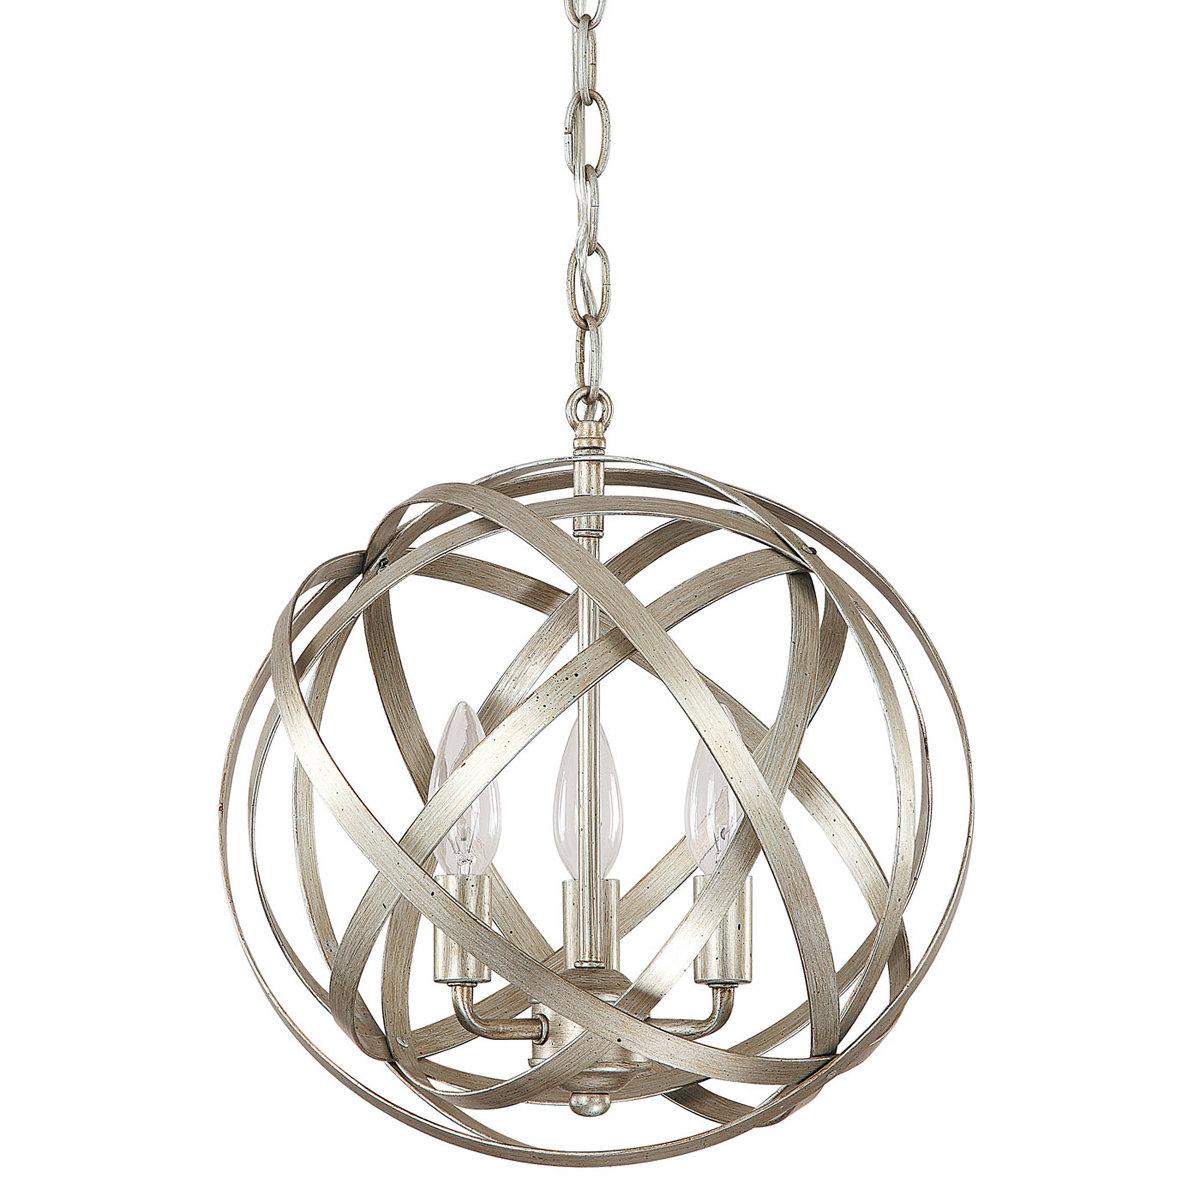 Everly Quinn Adcock 3 Light Globe Pendant In Alden 3 Light Single Globe Pendants (View 23 of 30)